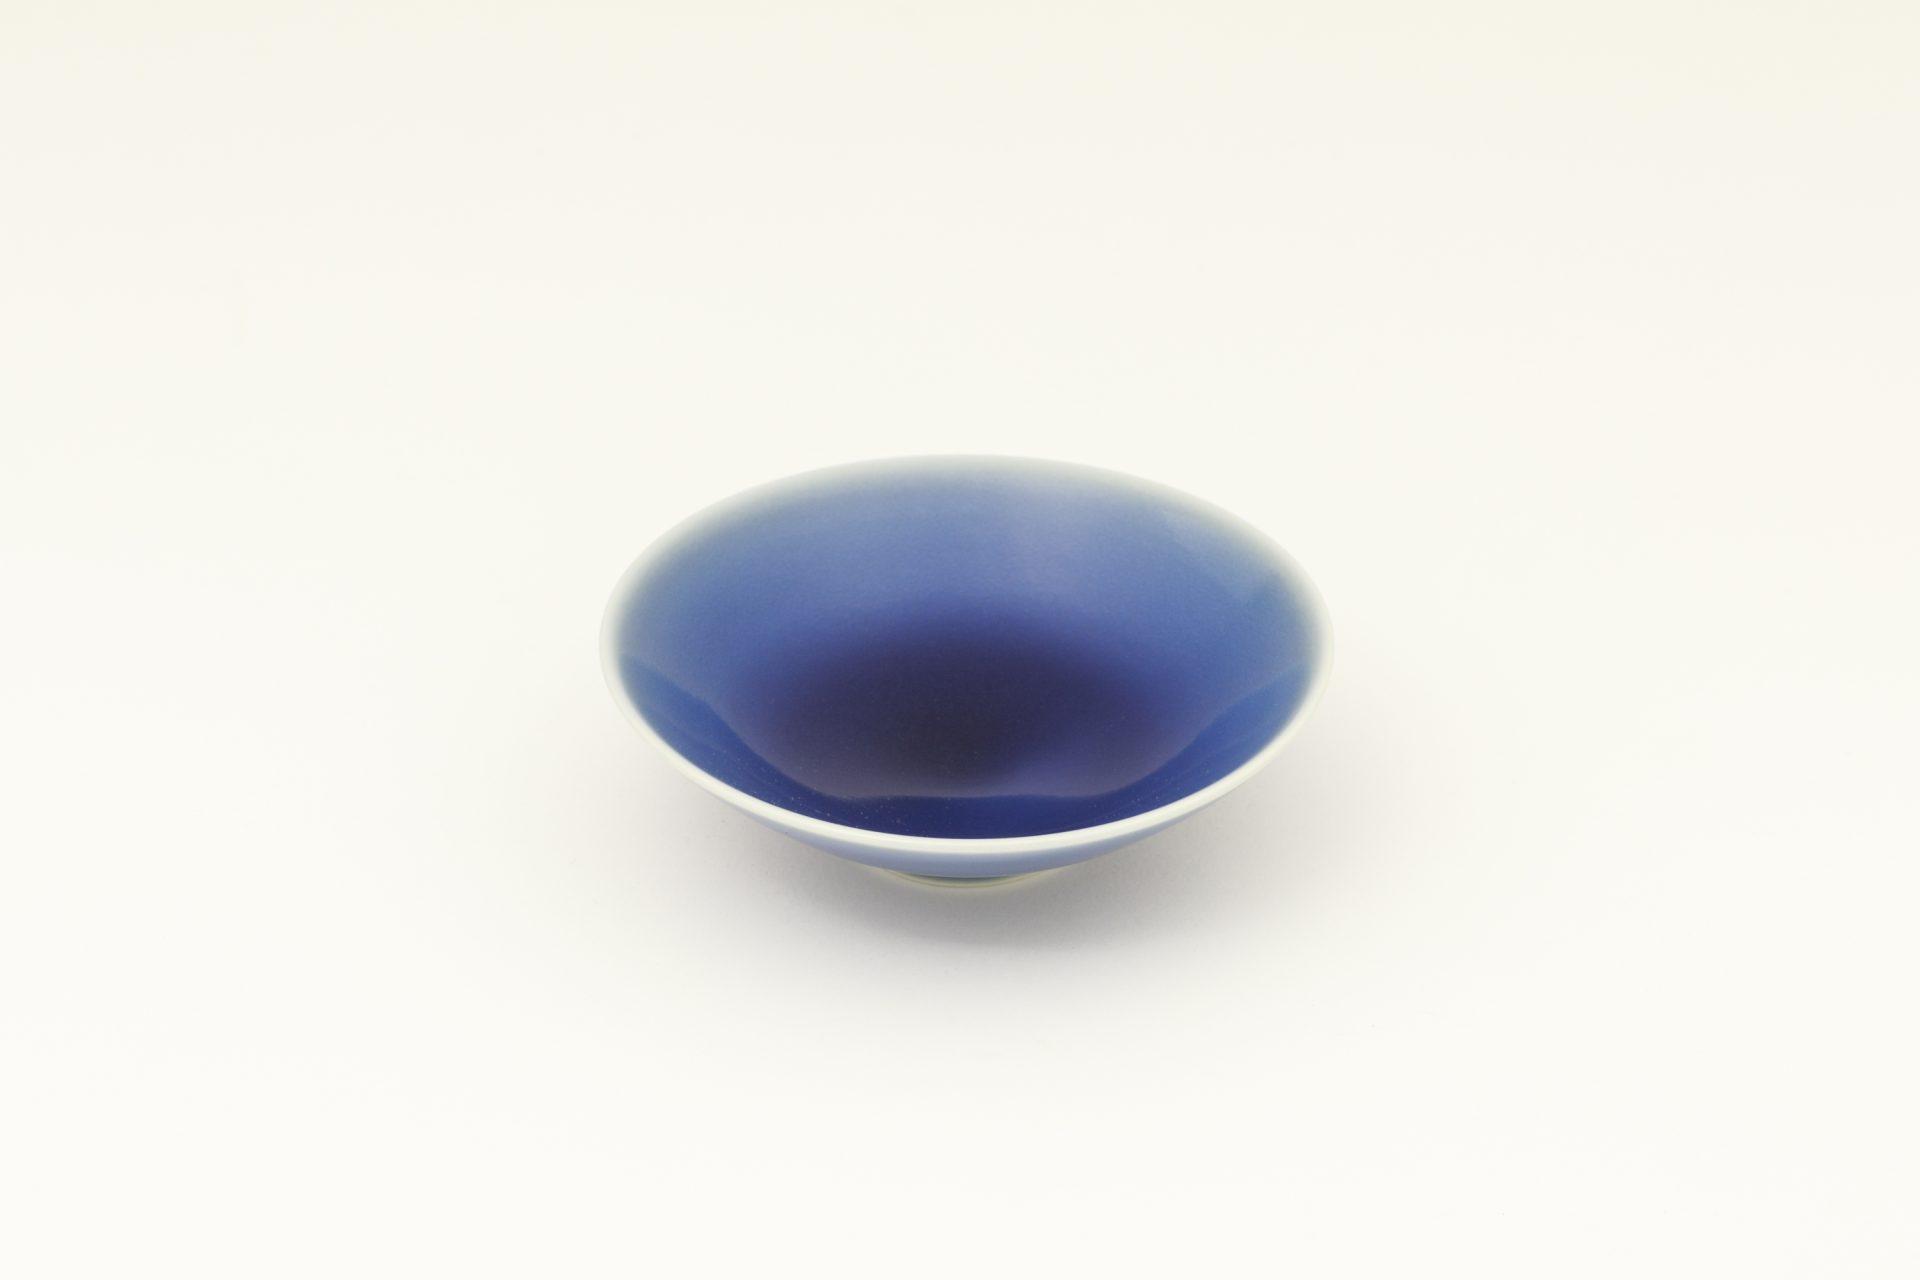 ふるさと納税返礼品_有田焼/坂本達也/瑠璃釉平鉢